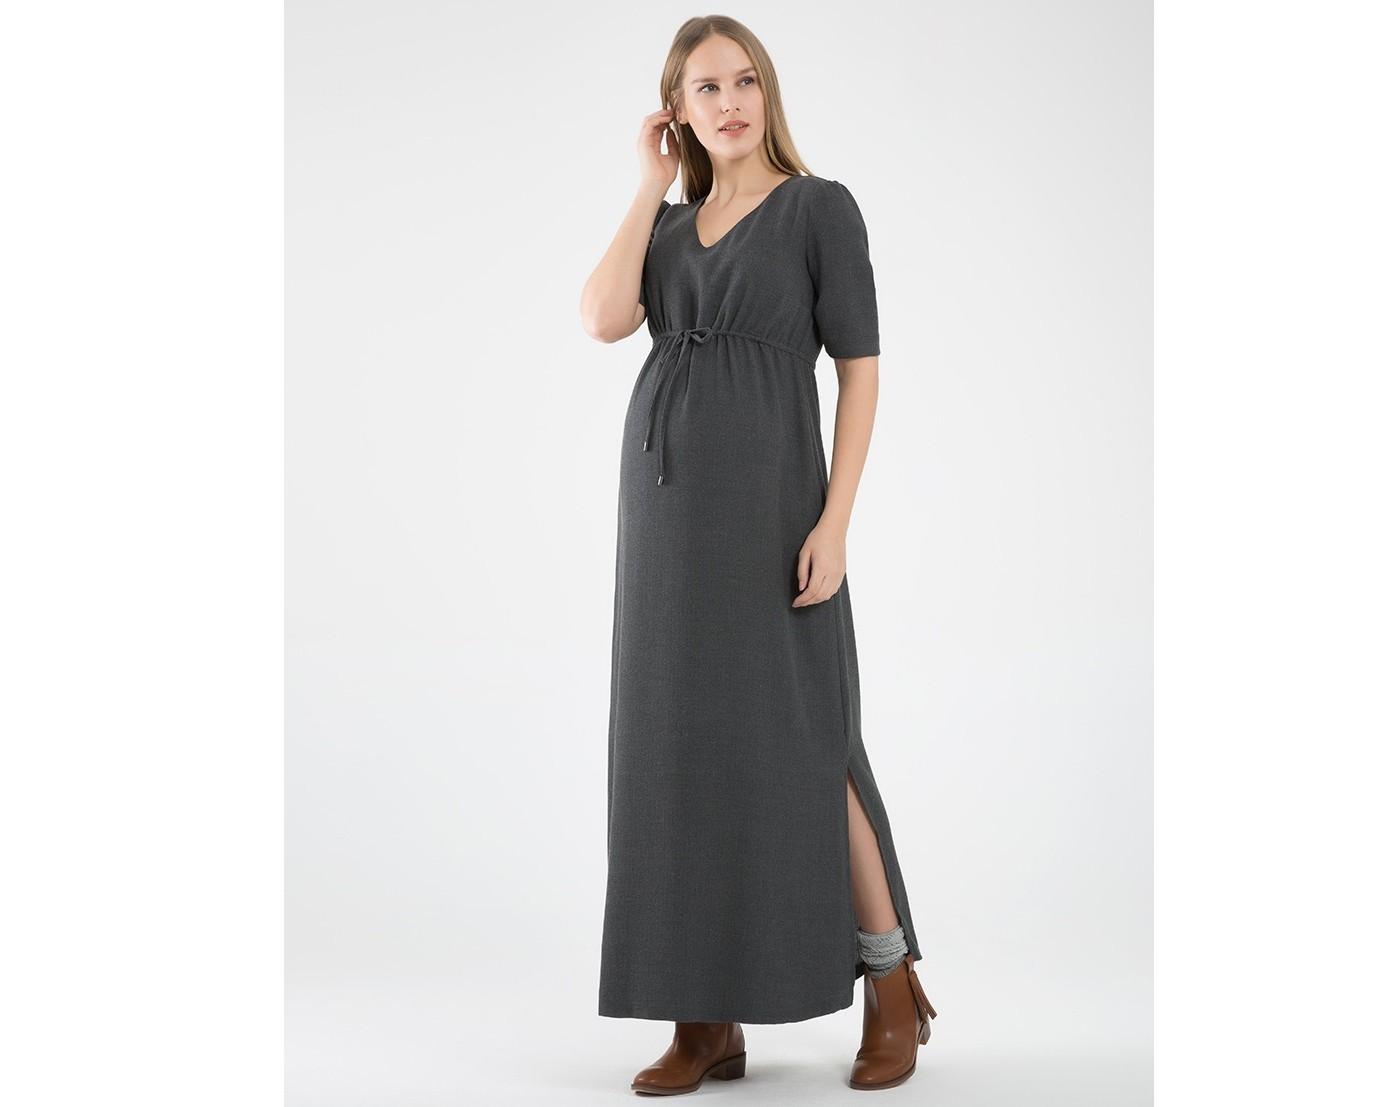 Hamilelikte Giyim Şekli Nasıl Olmalıdır?